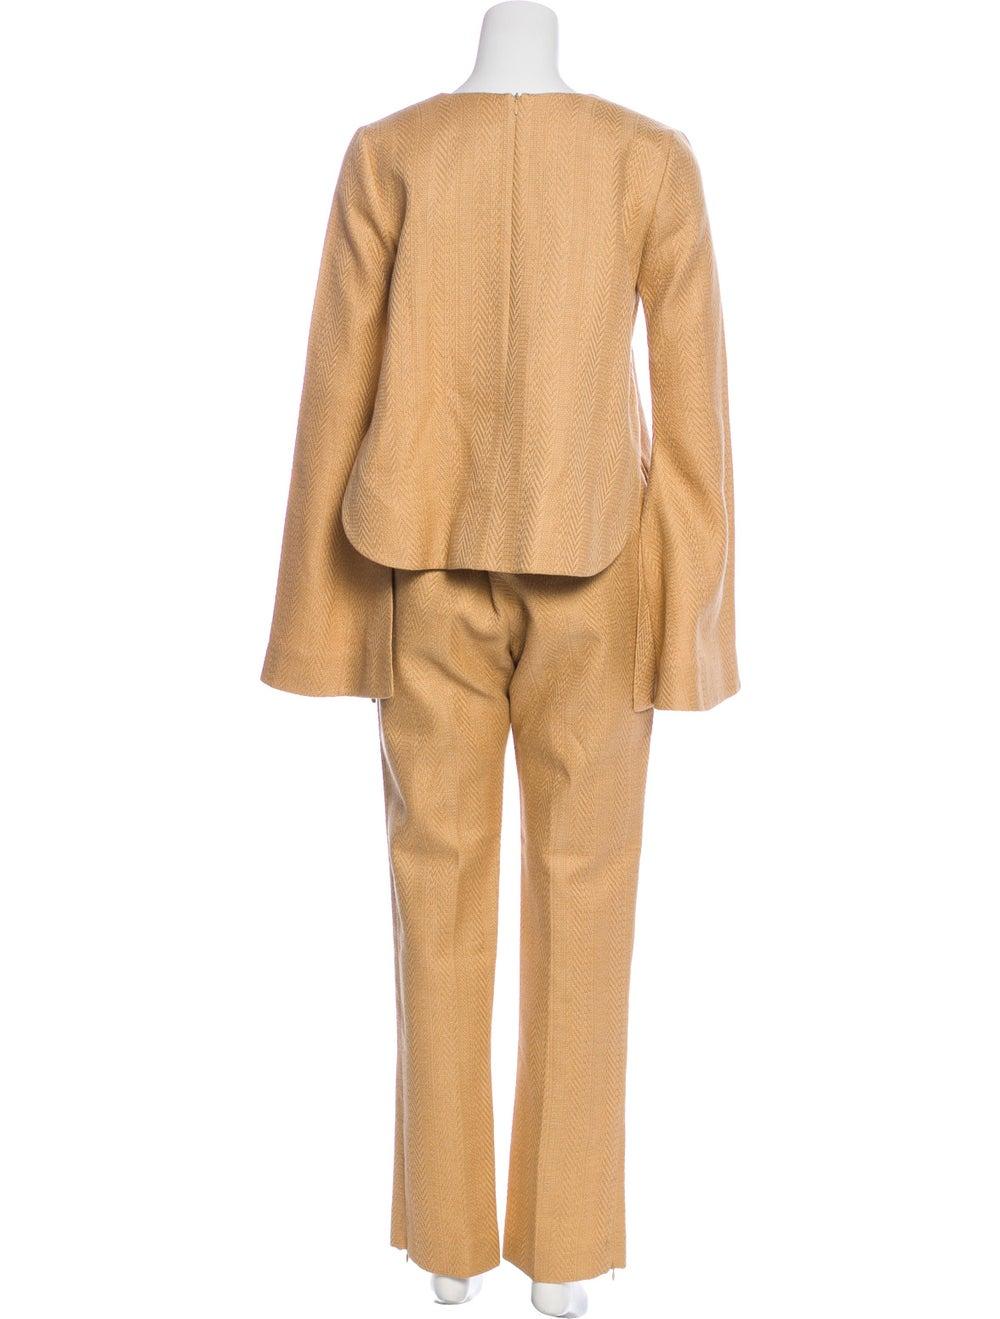 Ellery Tweed Pant Set w/ Tags Tan - image 3